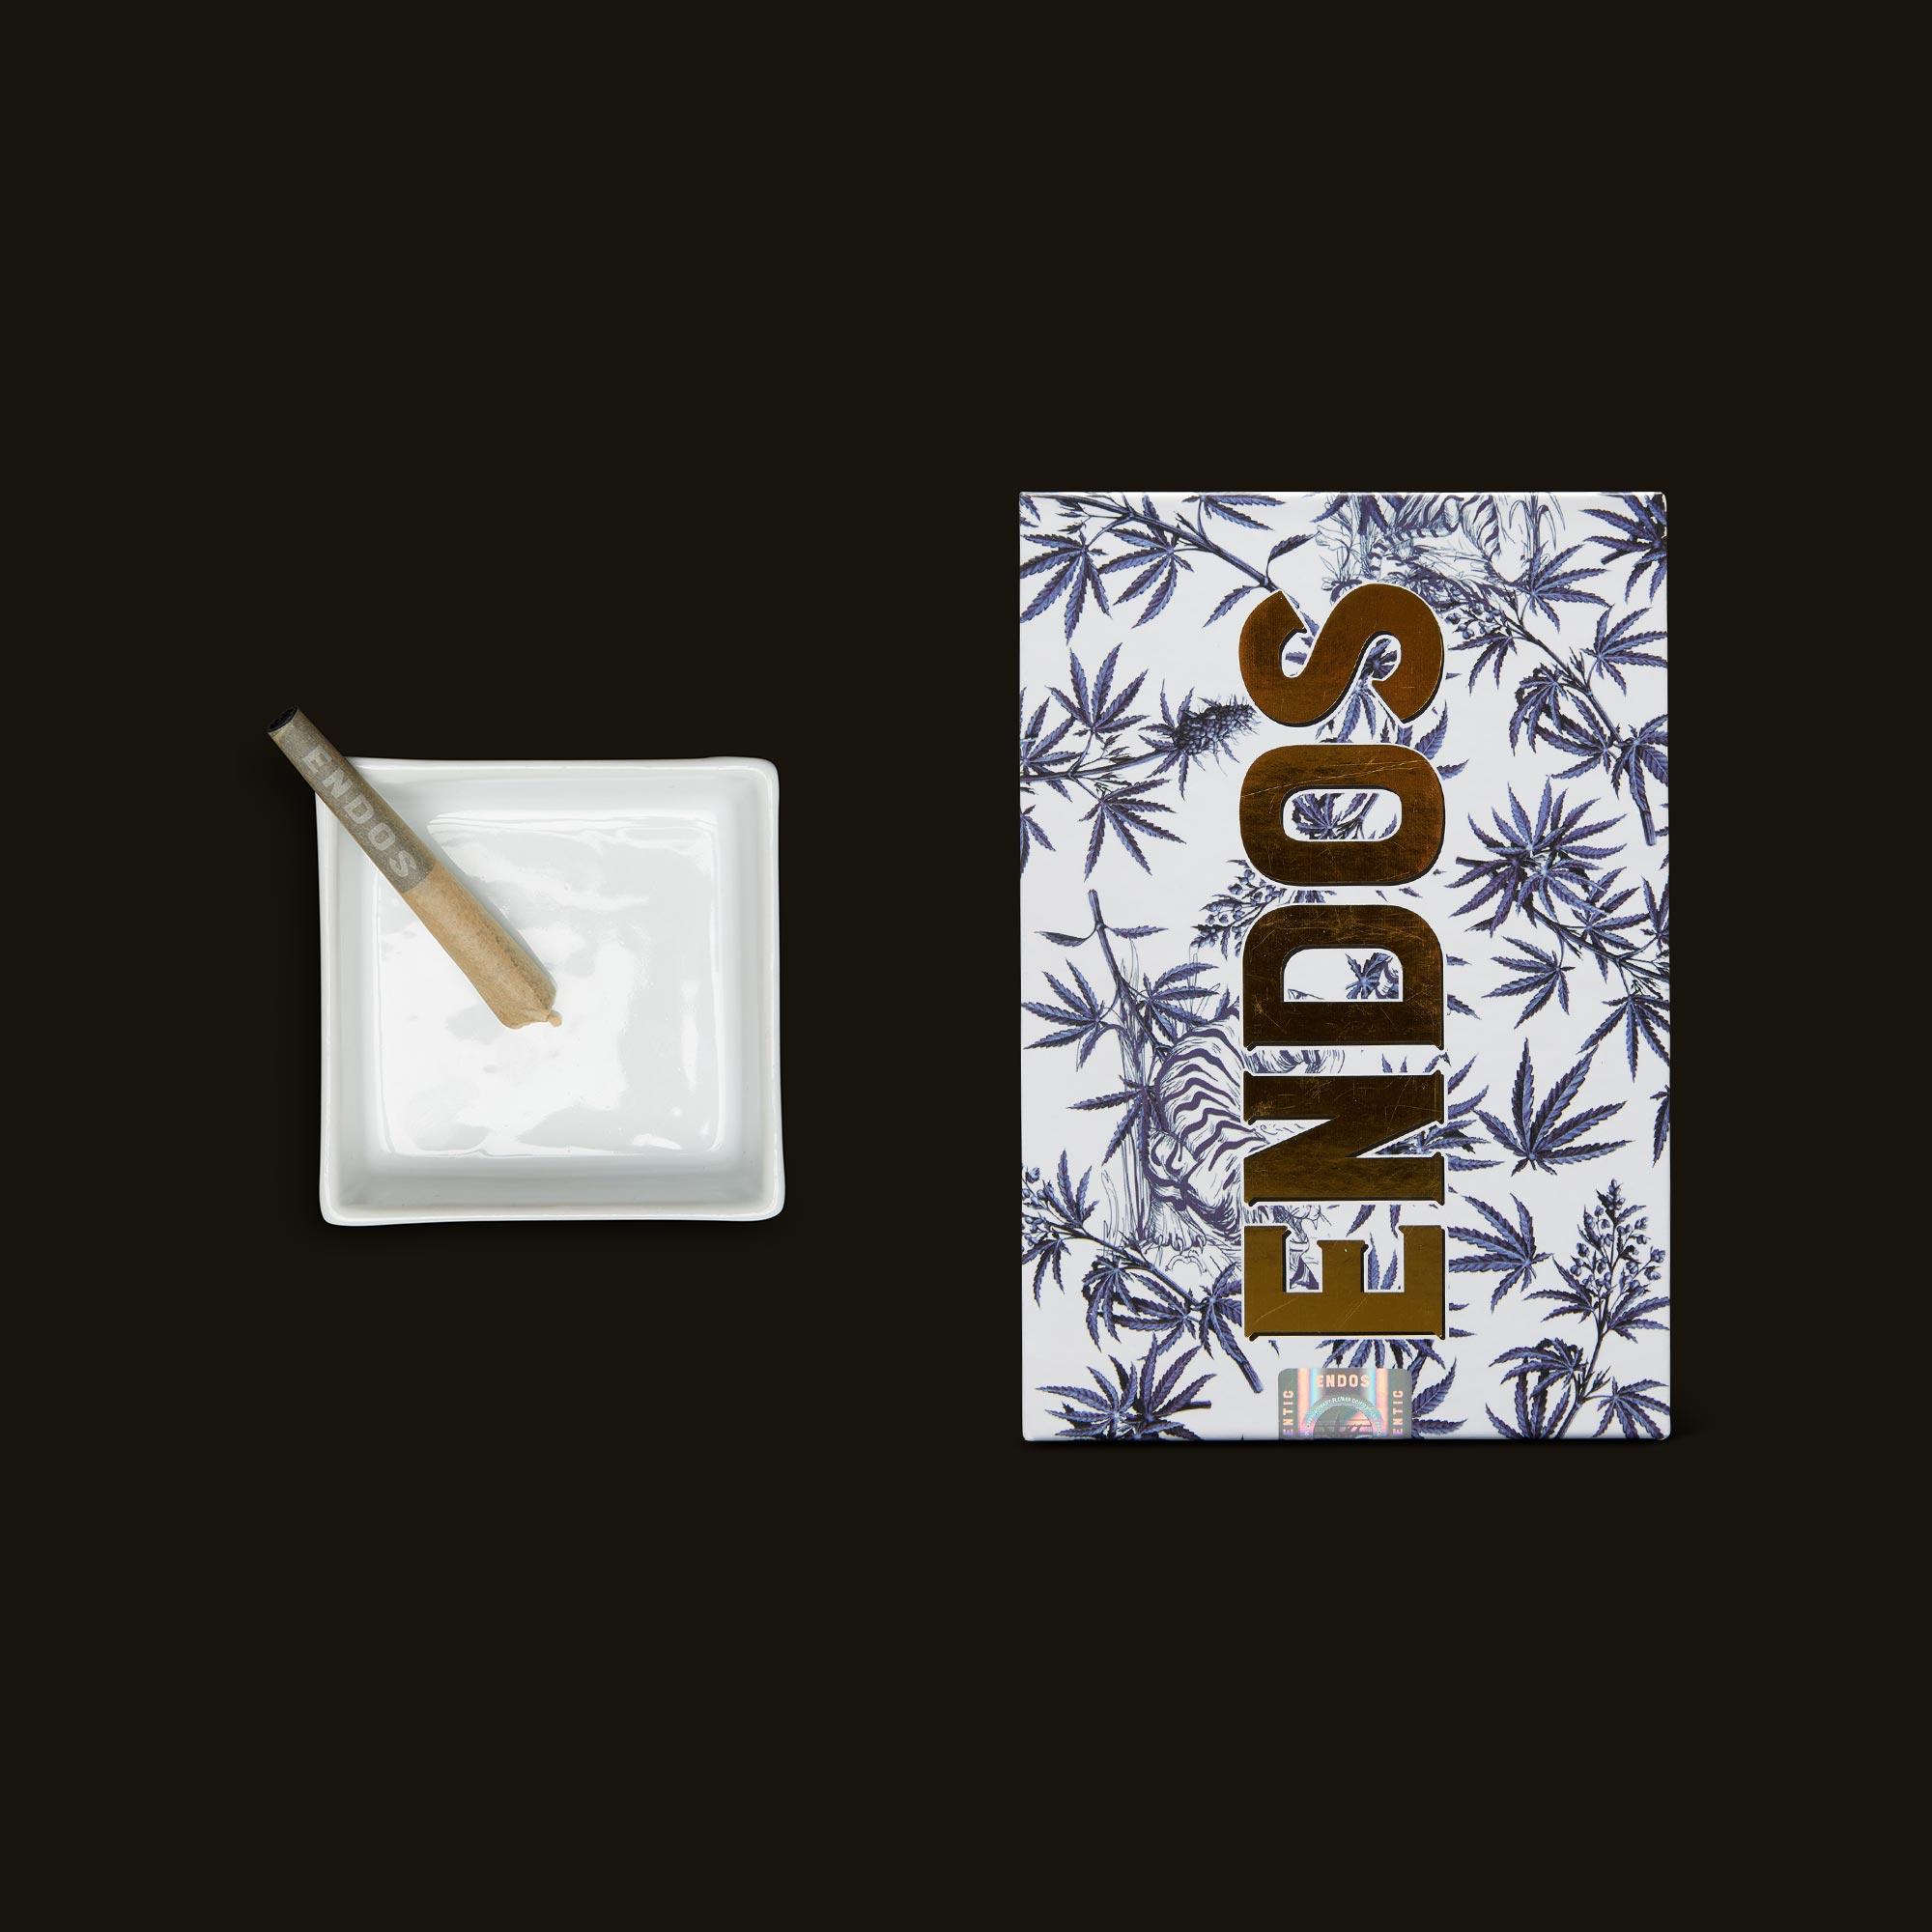 ENDOS Alien Cookies Pre-Roll 12-Pack